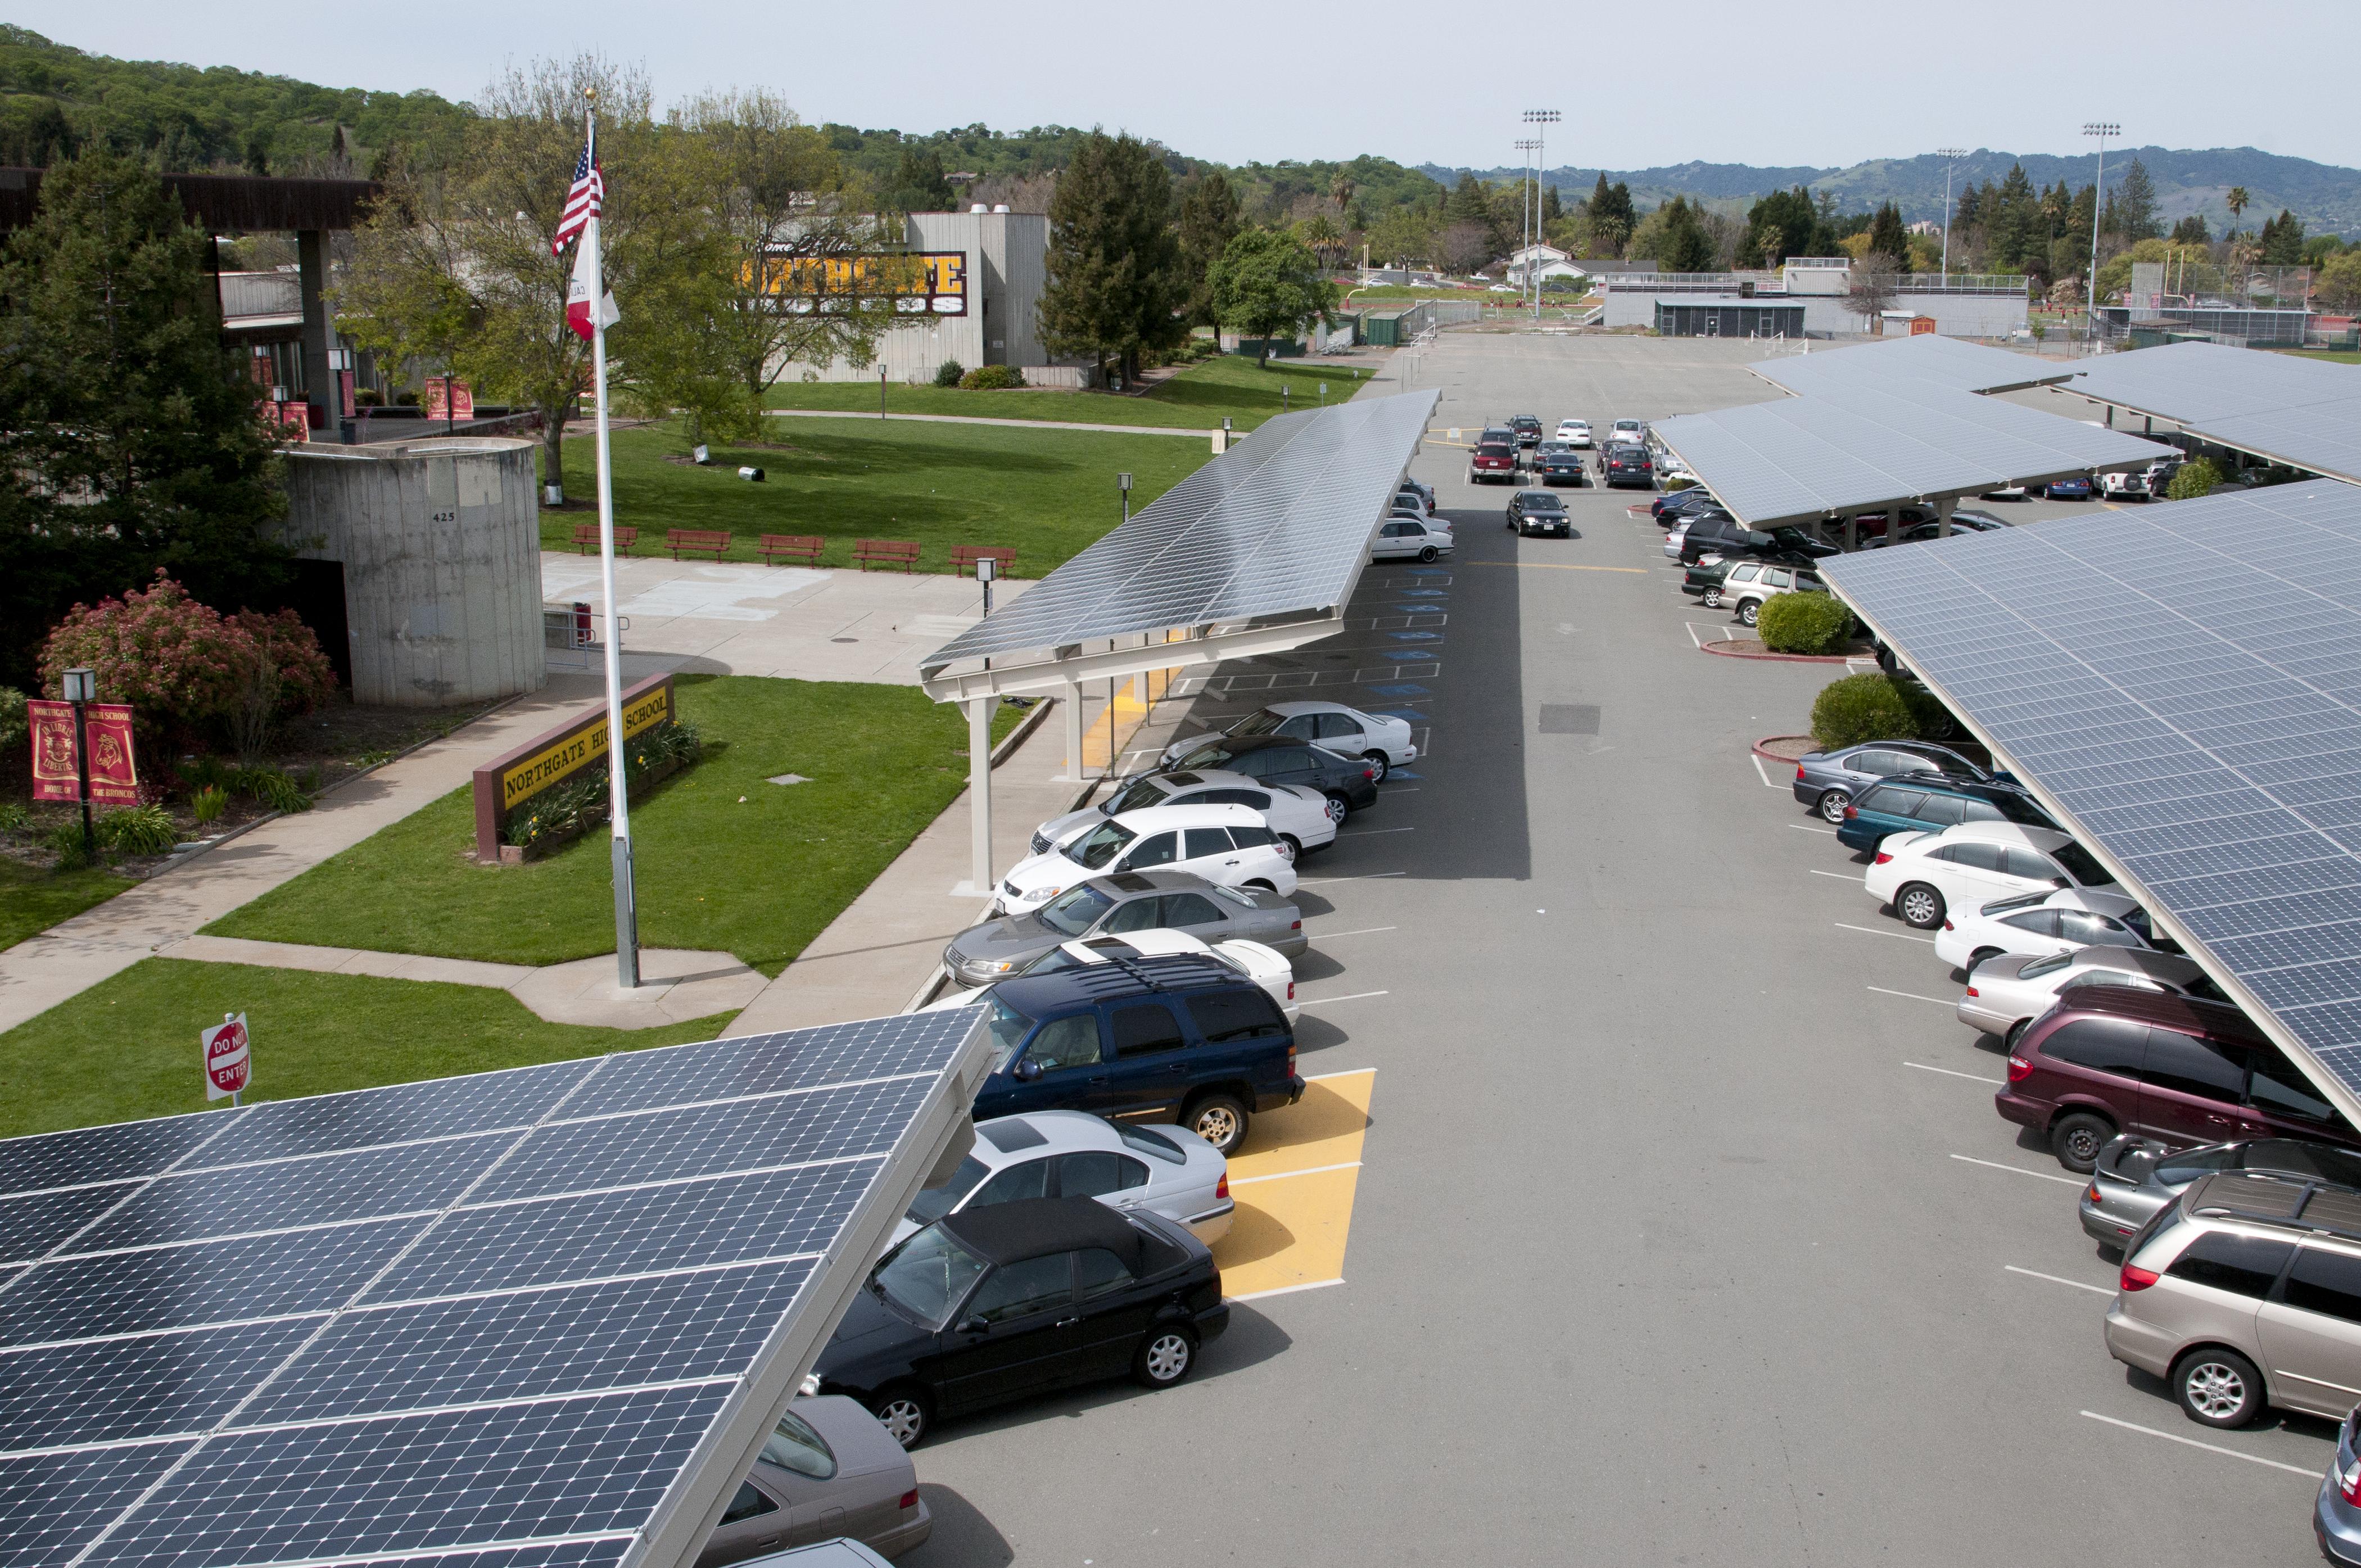 Solar carport on a sunny day